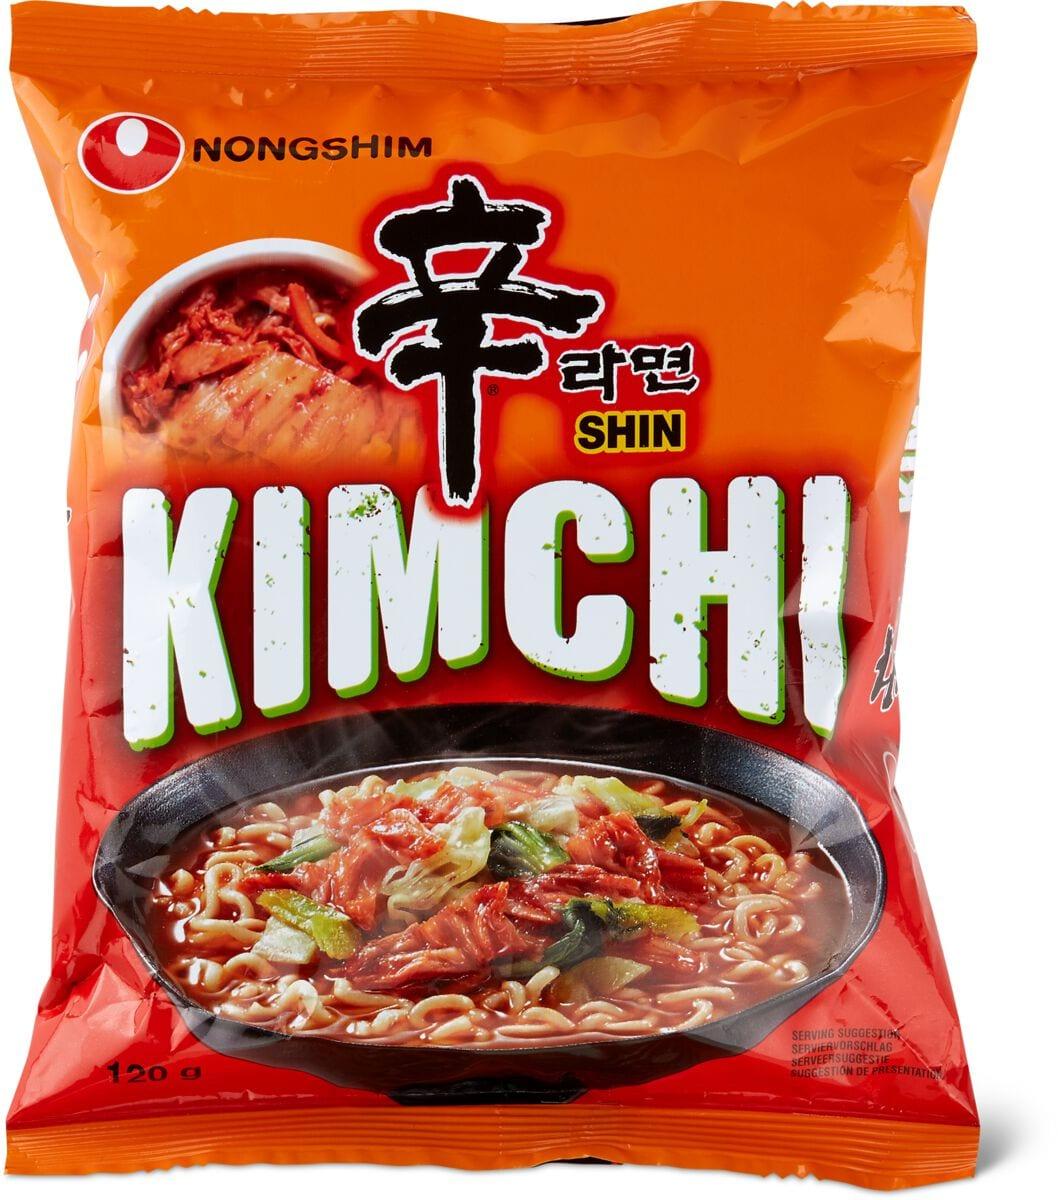 Nongshim Kimchi Noodle Soup